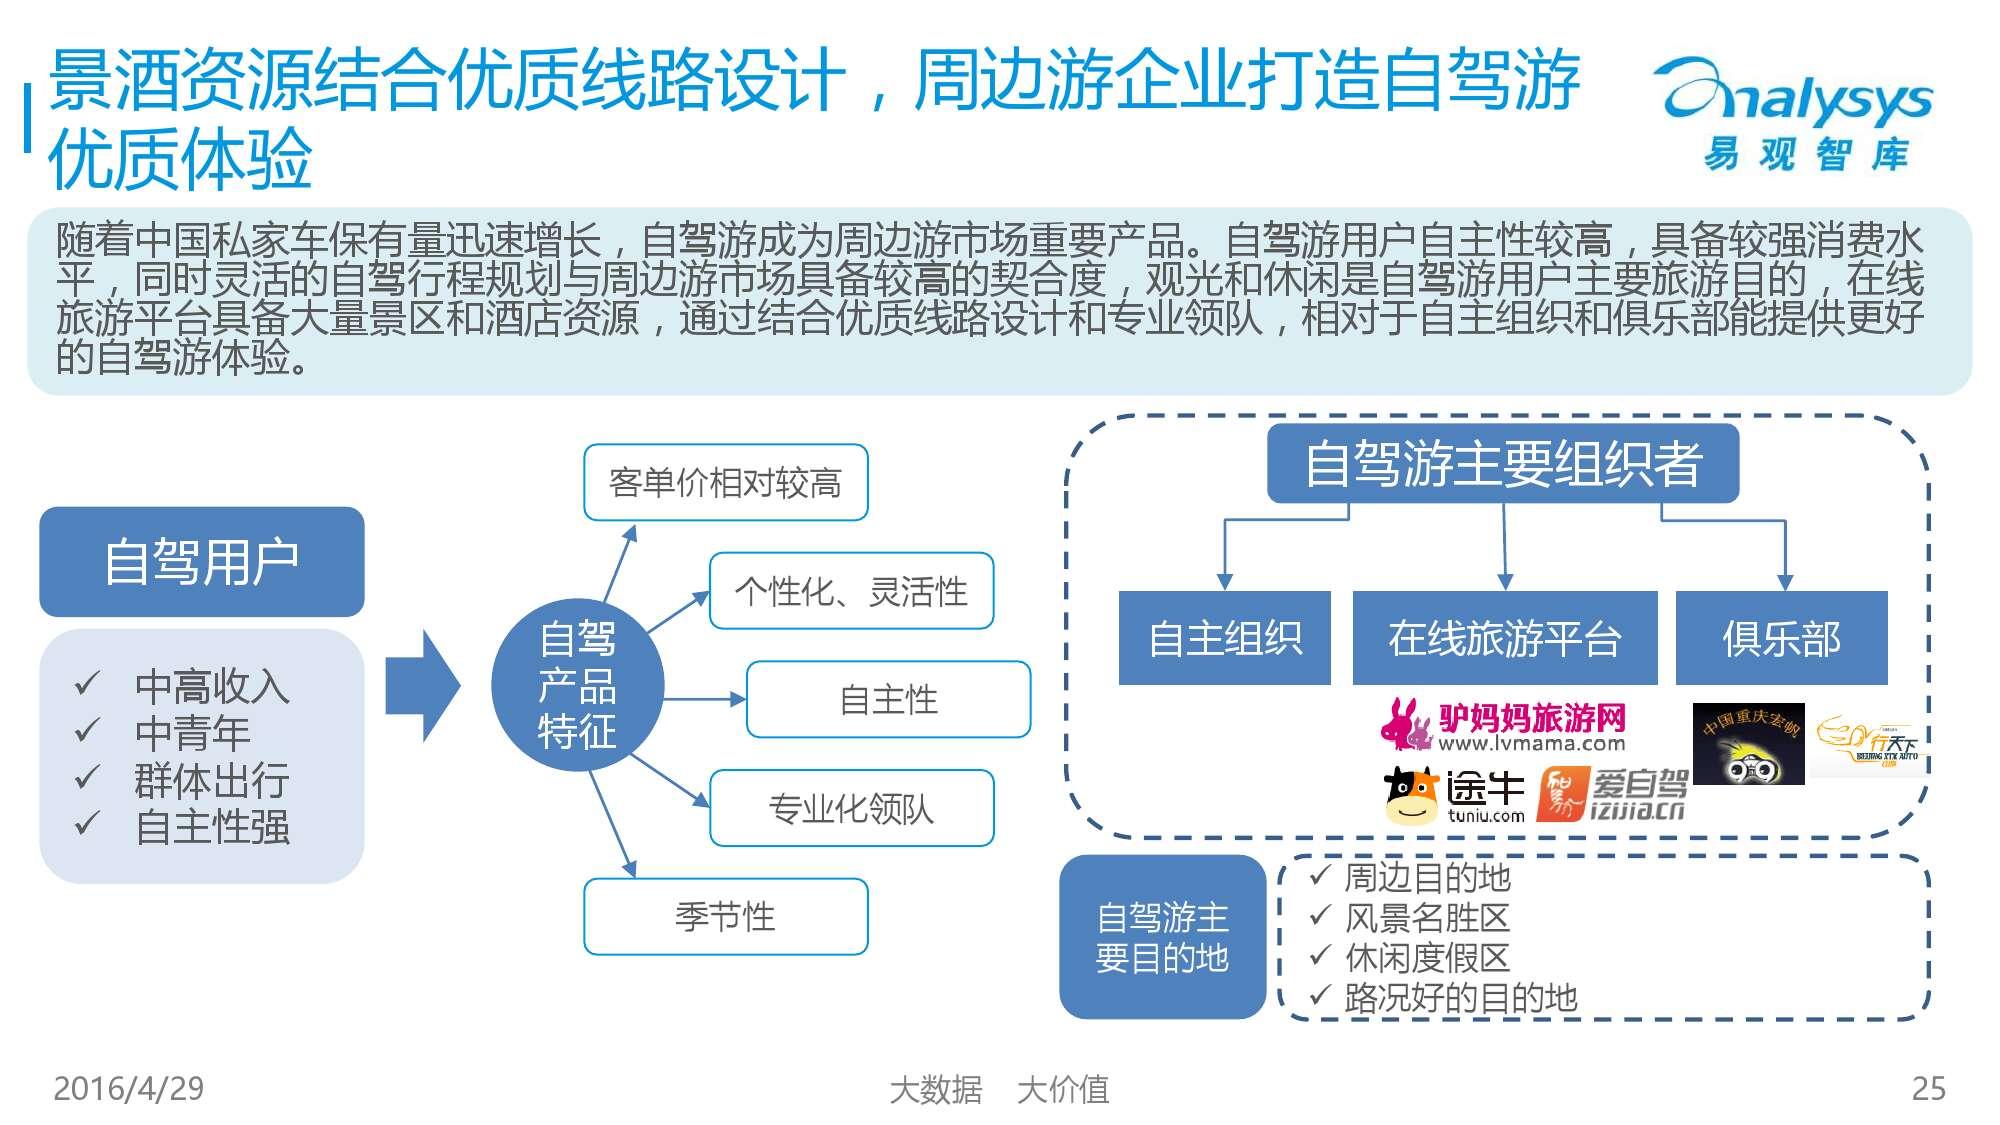 中国在线周边自助游市场专题研究报告2016_000025